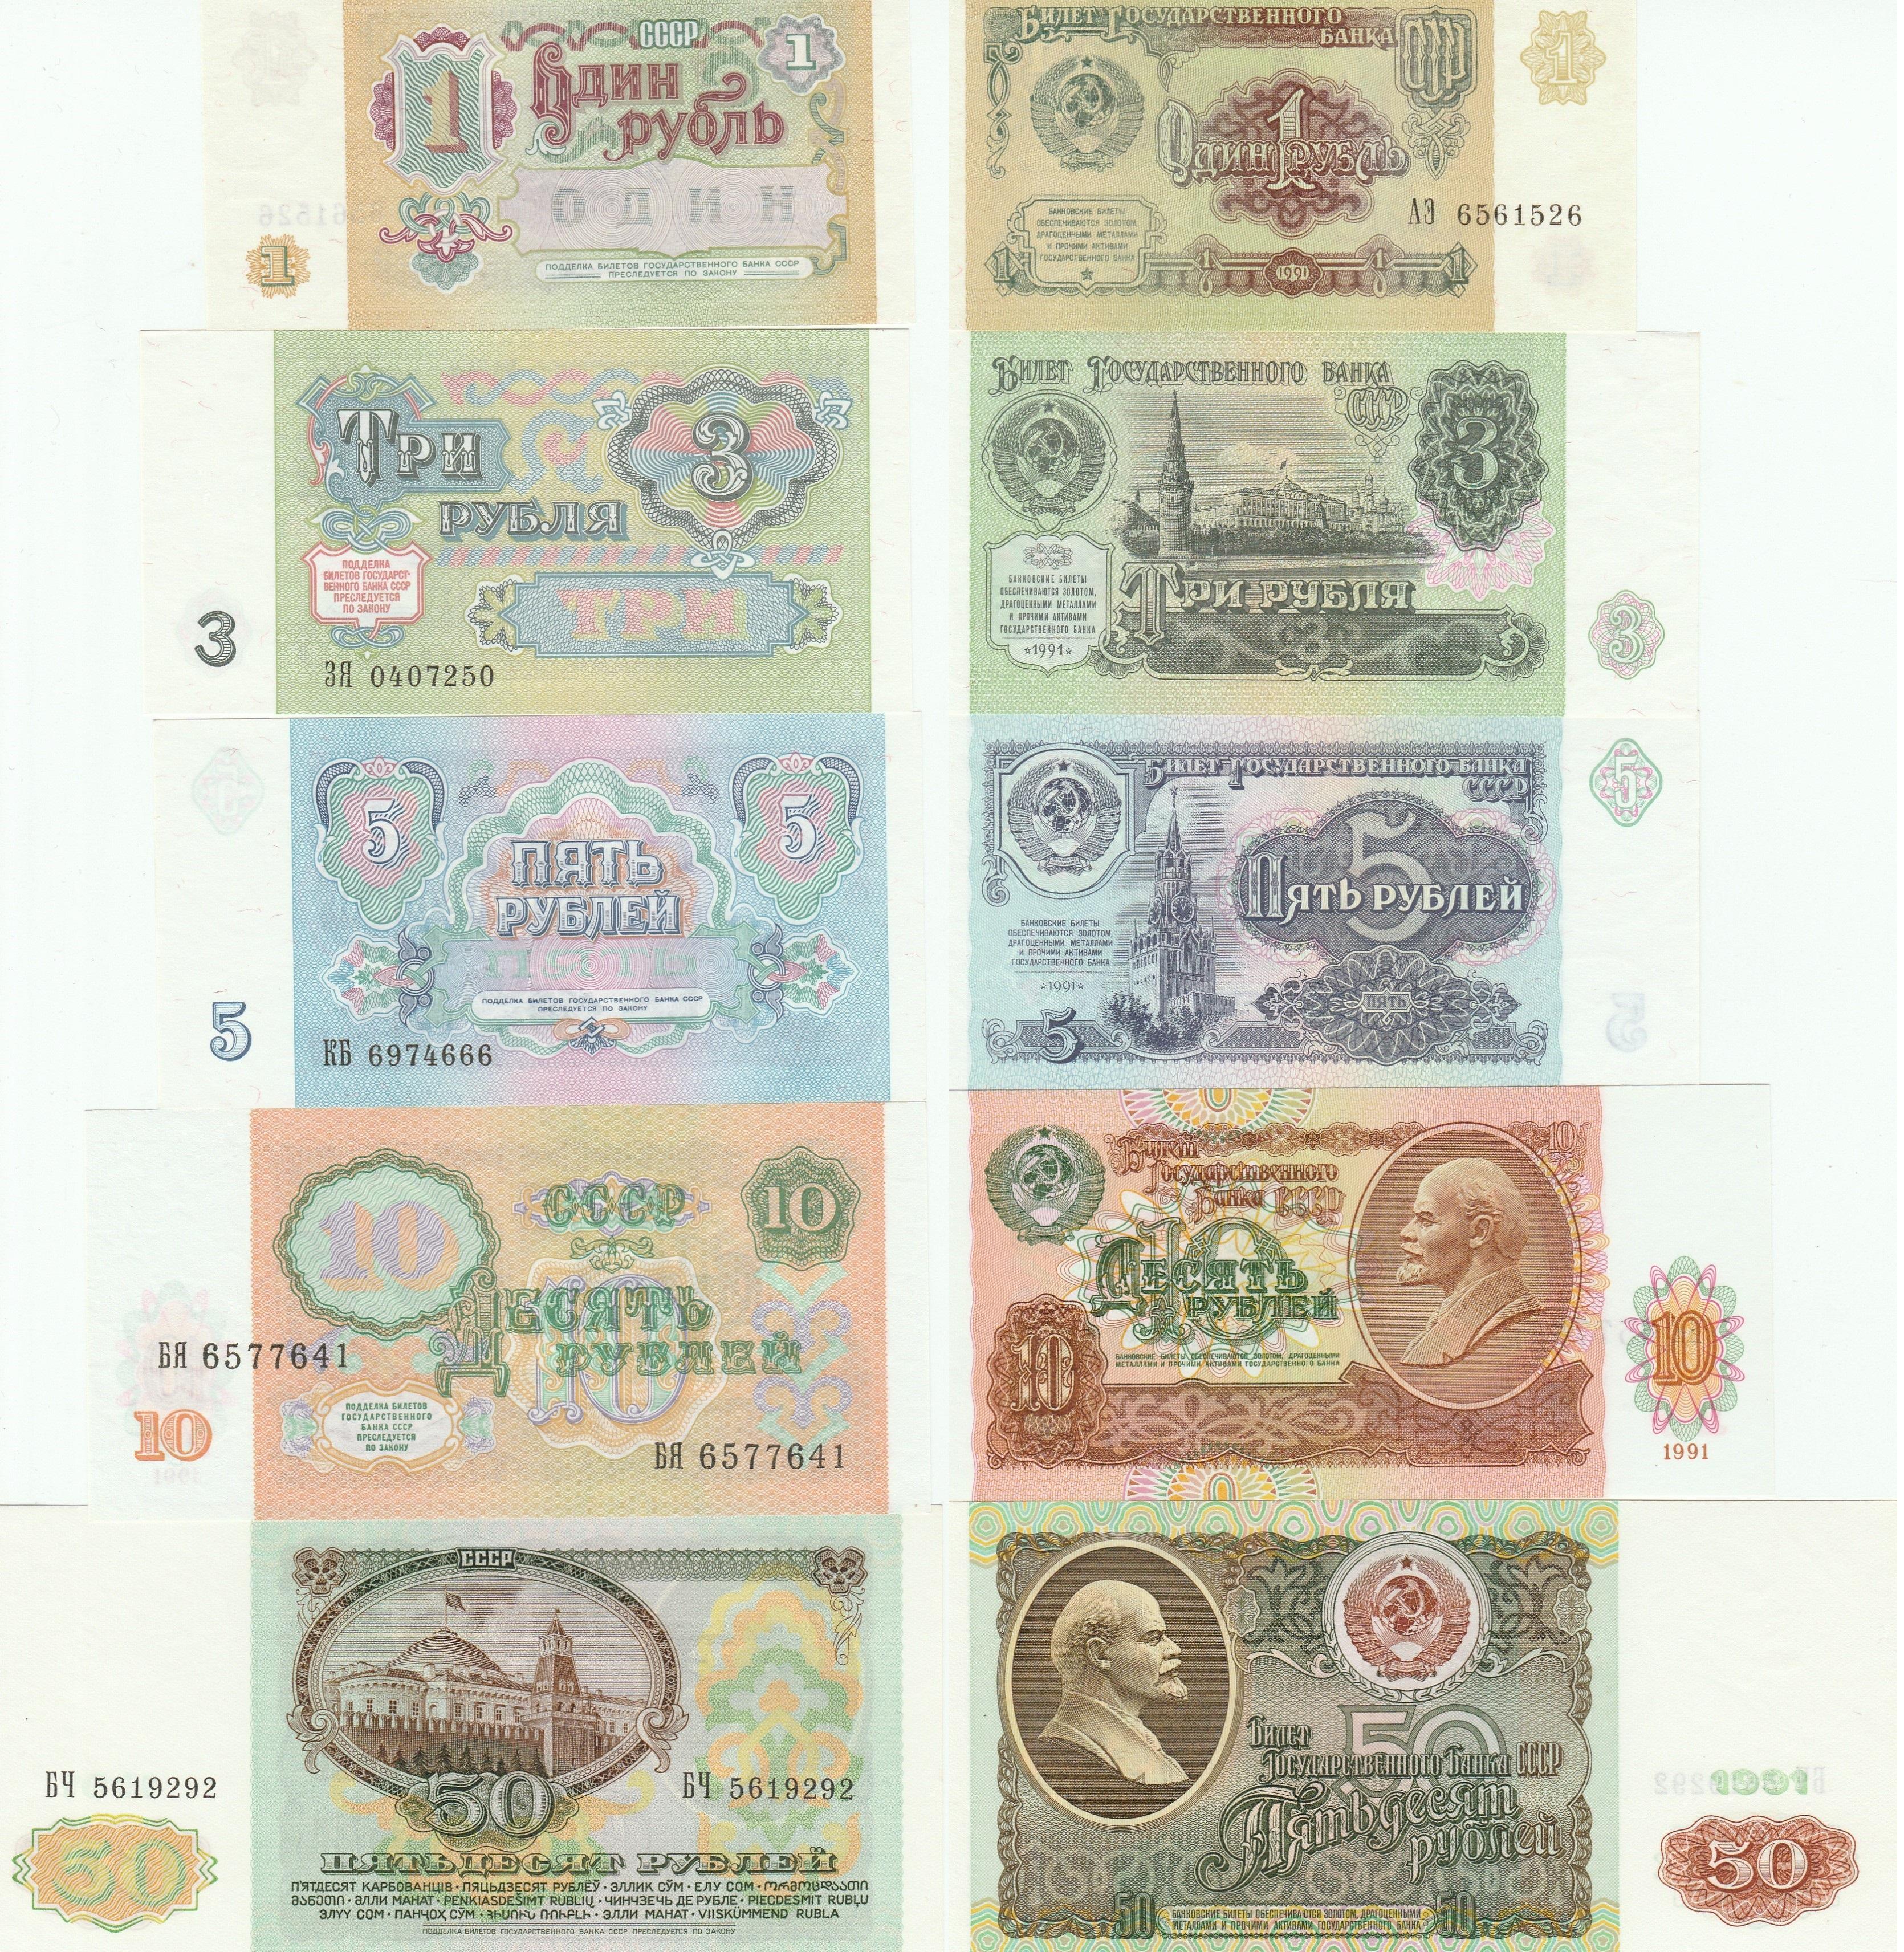 Russia 50 Rubles 1991 Pick 241 UNC